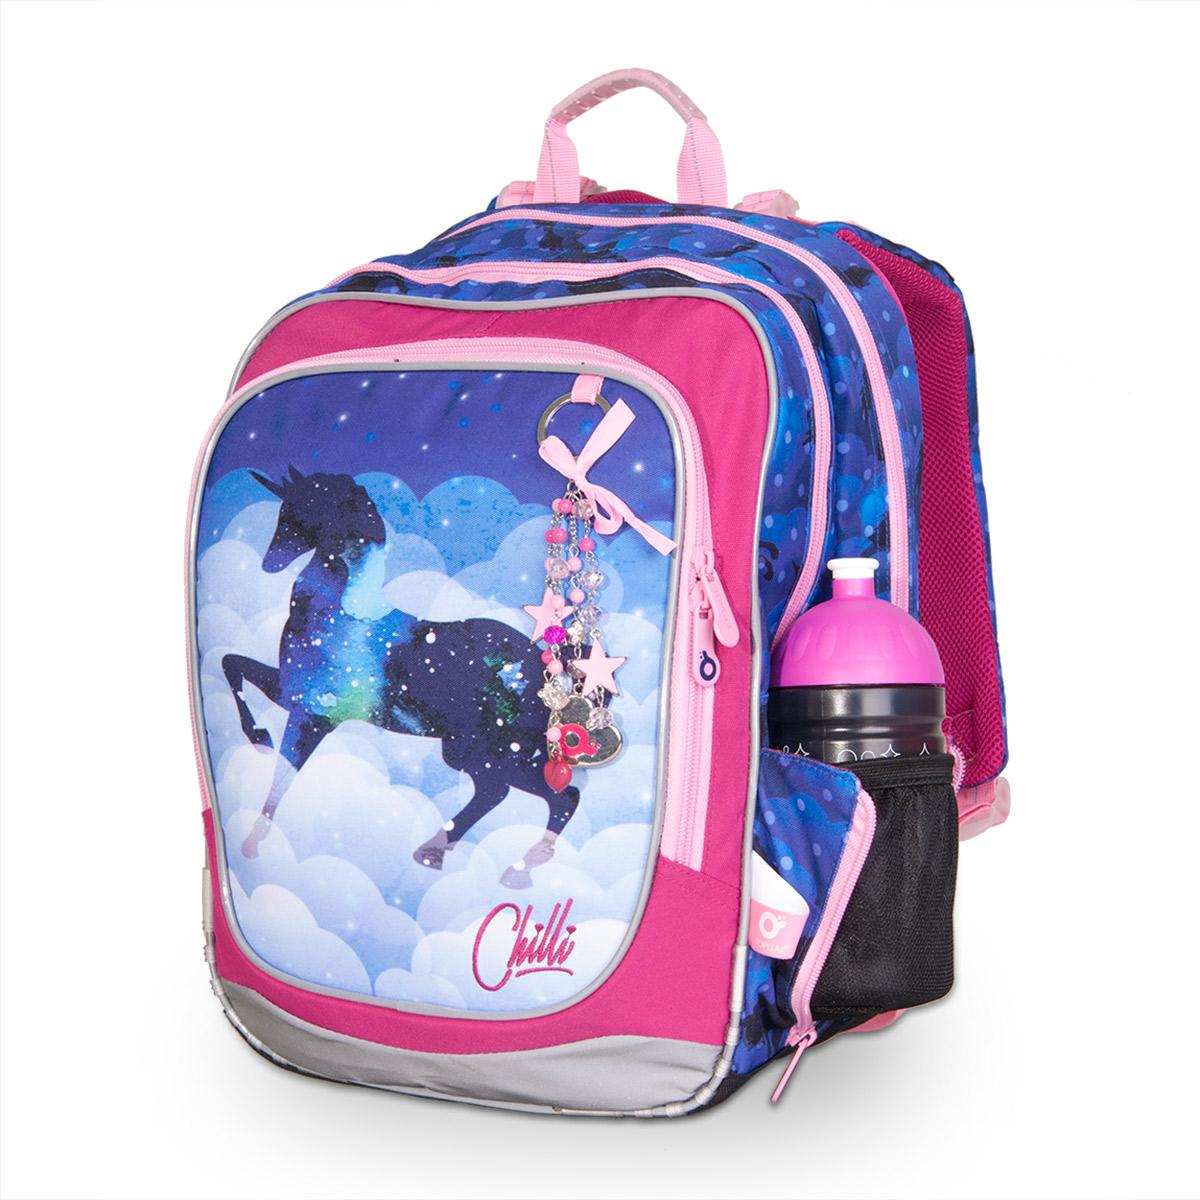 609b6535886 školní batoh topgal chi 843D